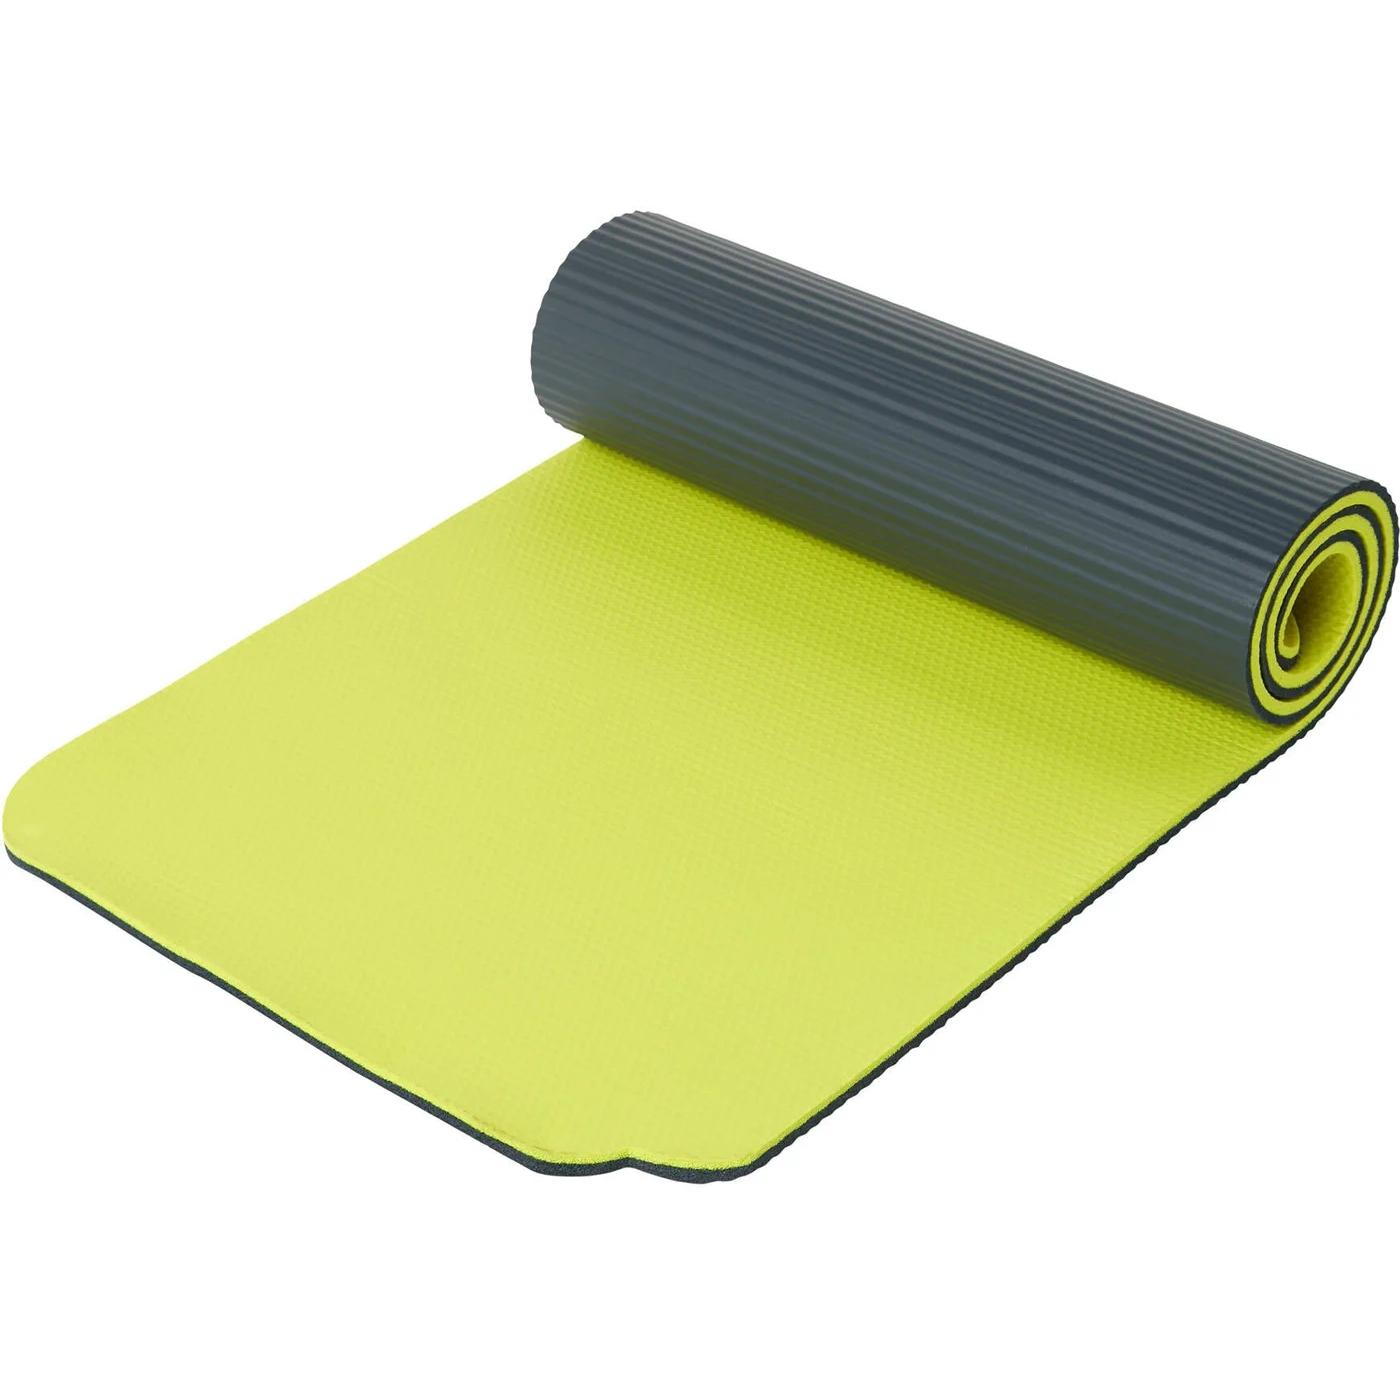 Produktbild von ENERGETICS Gymnastik-Matte NBR Professional - grey/yellow